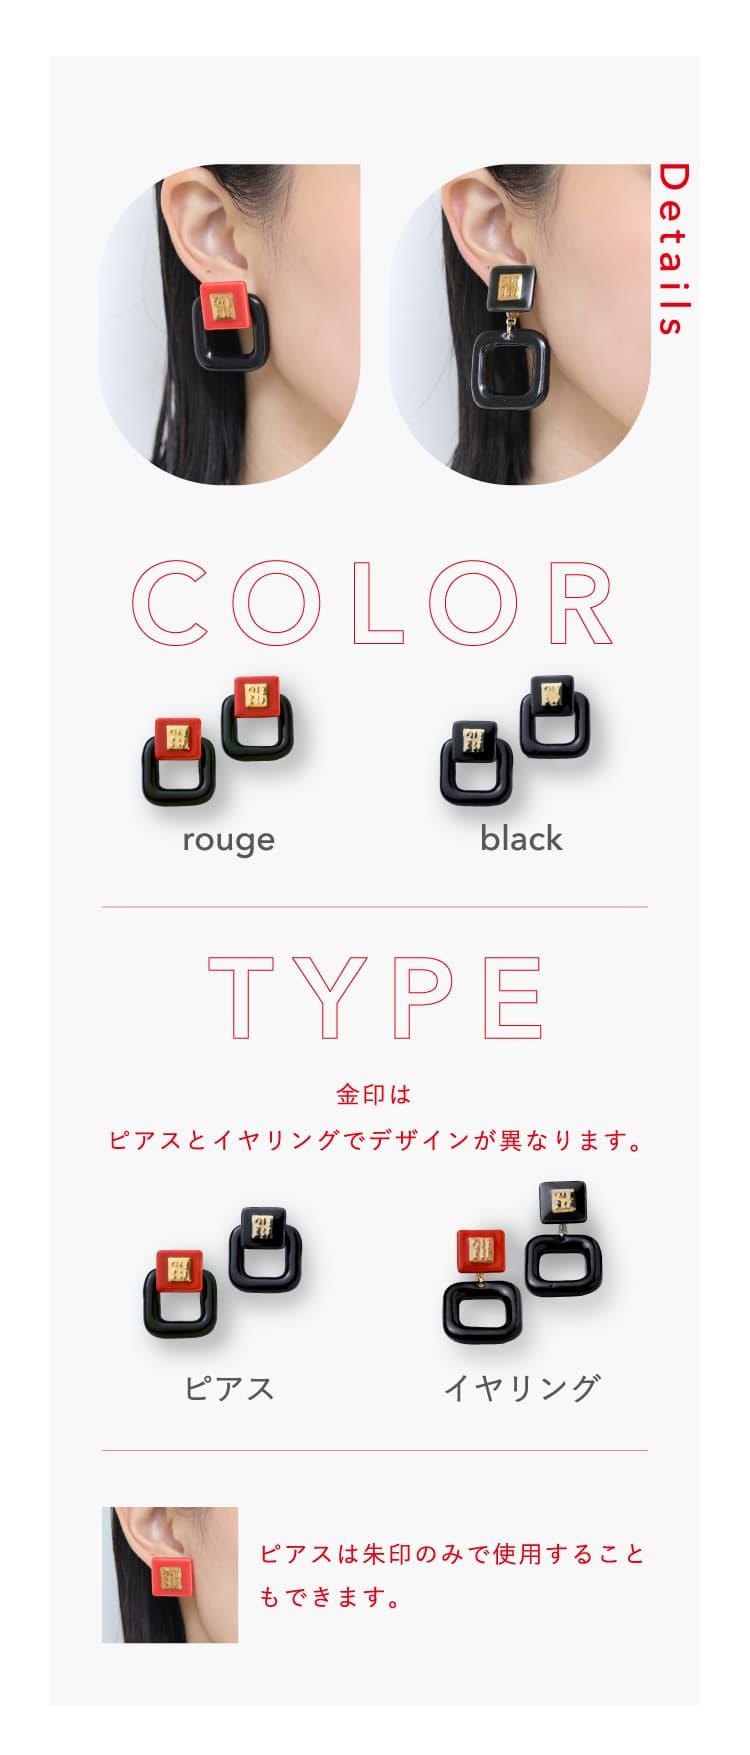 COLOR:ルージュ,ブラック TYPE:ピアス,イヤリング ※ピアスとイヤリングでデザインが異なります。ピアスは朱印部分のみで使用することもできます。